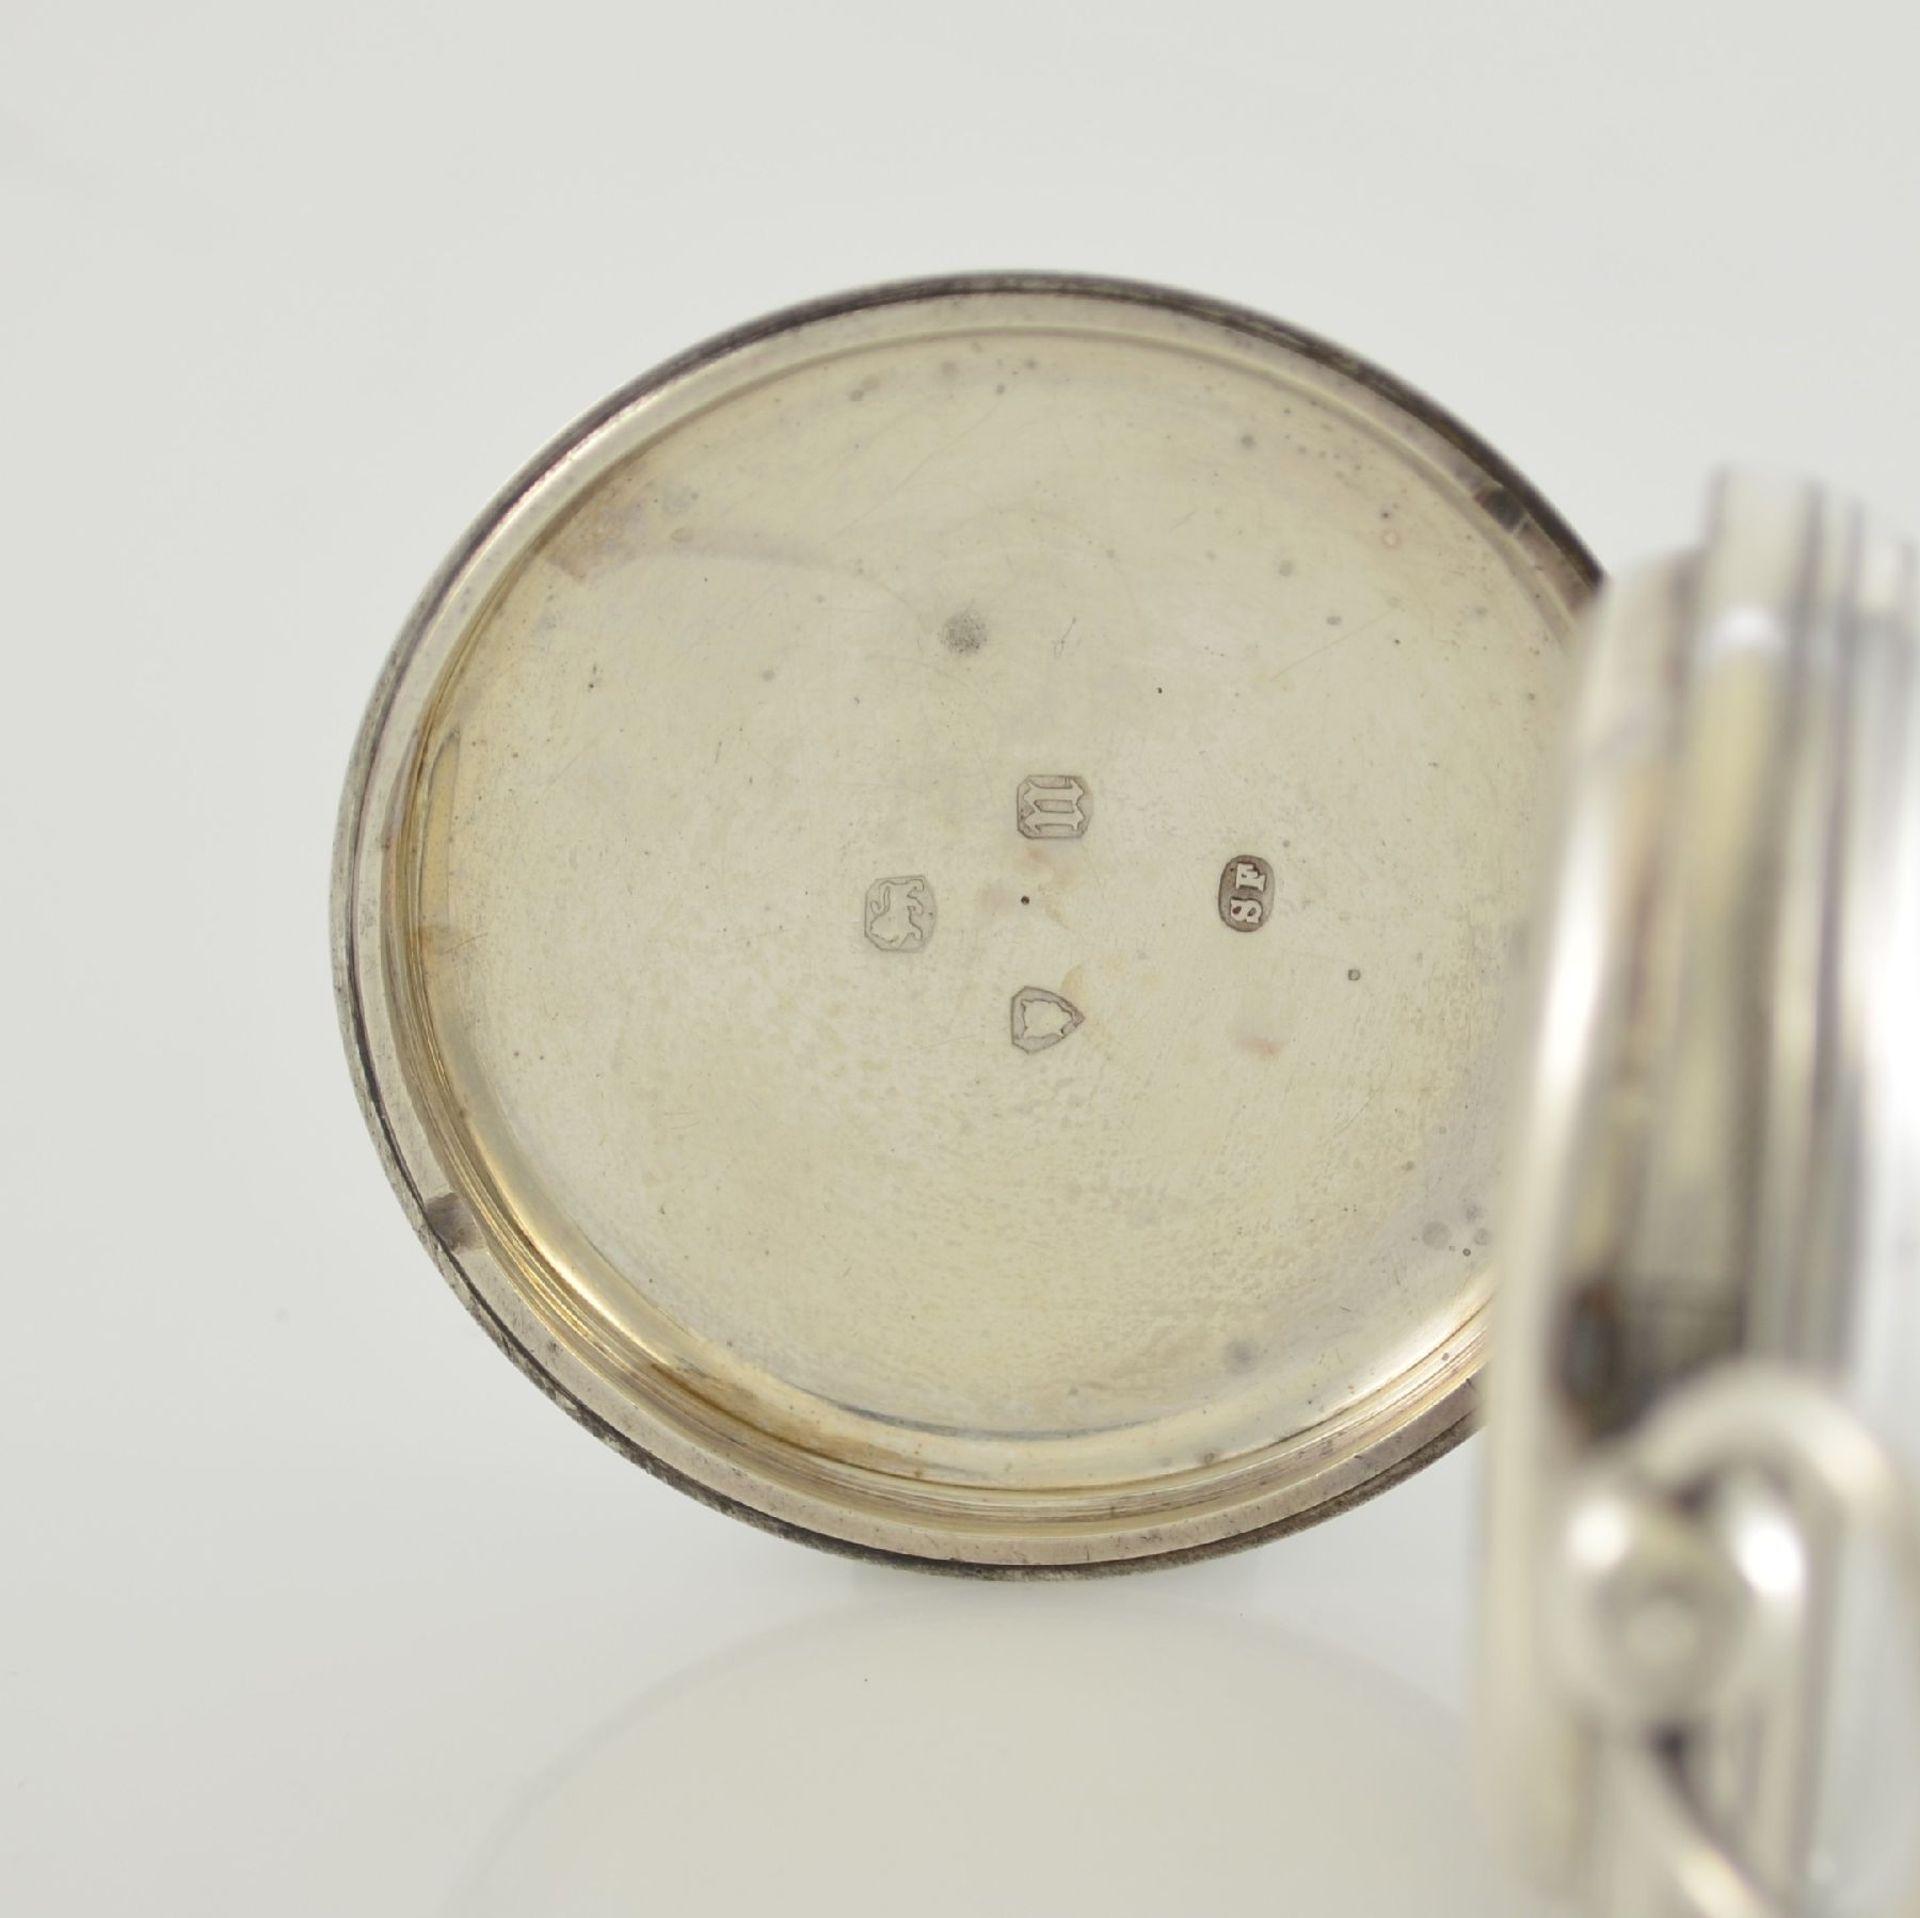 STORY & SEDMAN englische Taschenuhr in Silber, um 1870, 3-teil. Gehäuse innen m. Widmung, - Bild 4 aus 8